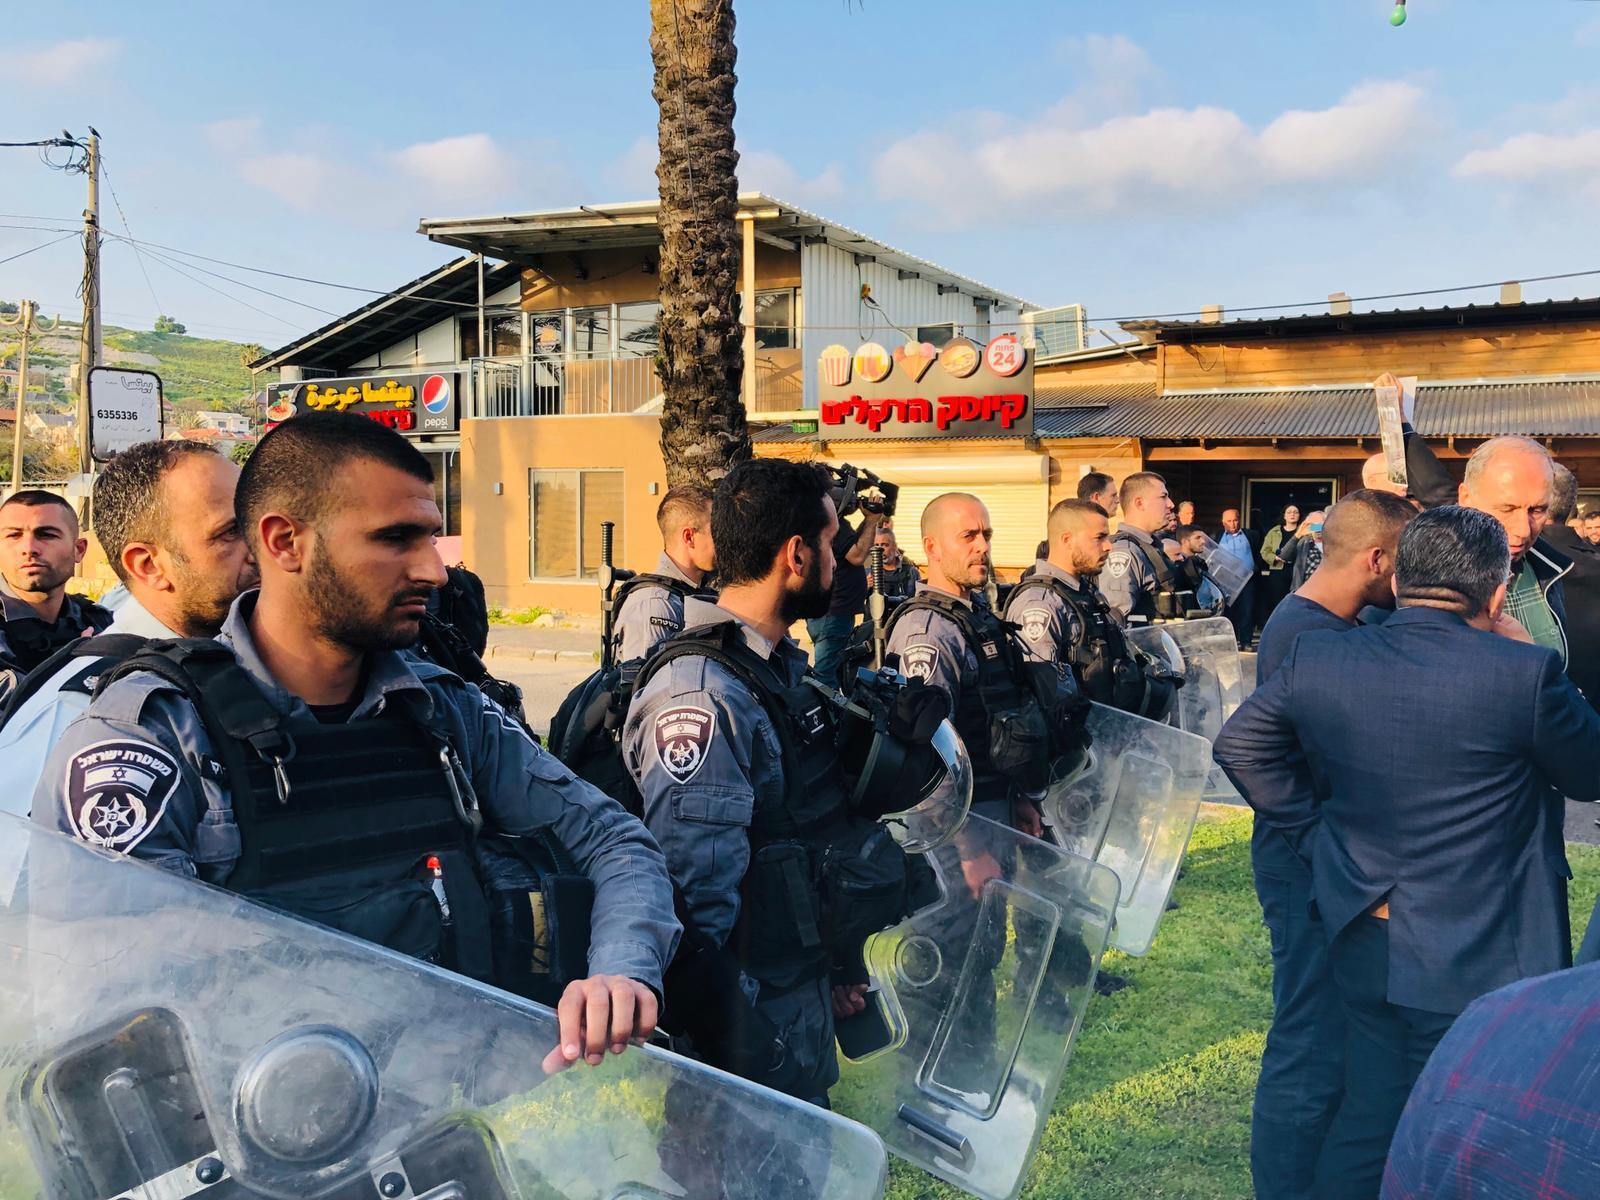 عرعرة: تظاهرة حاشدة رفضًا لسياسة الهدم الإسرائيليّة